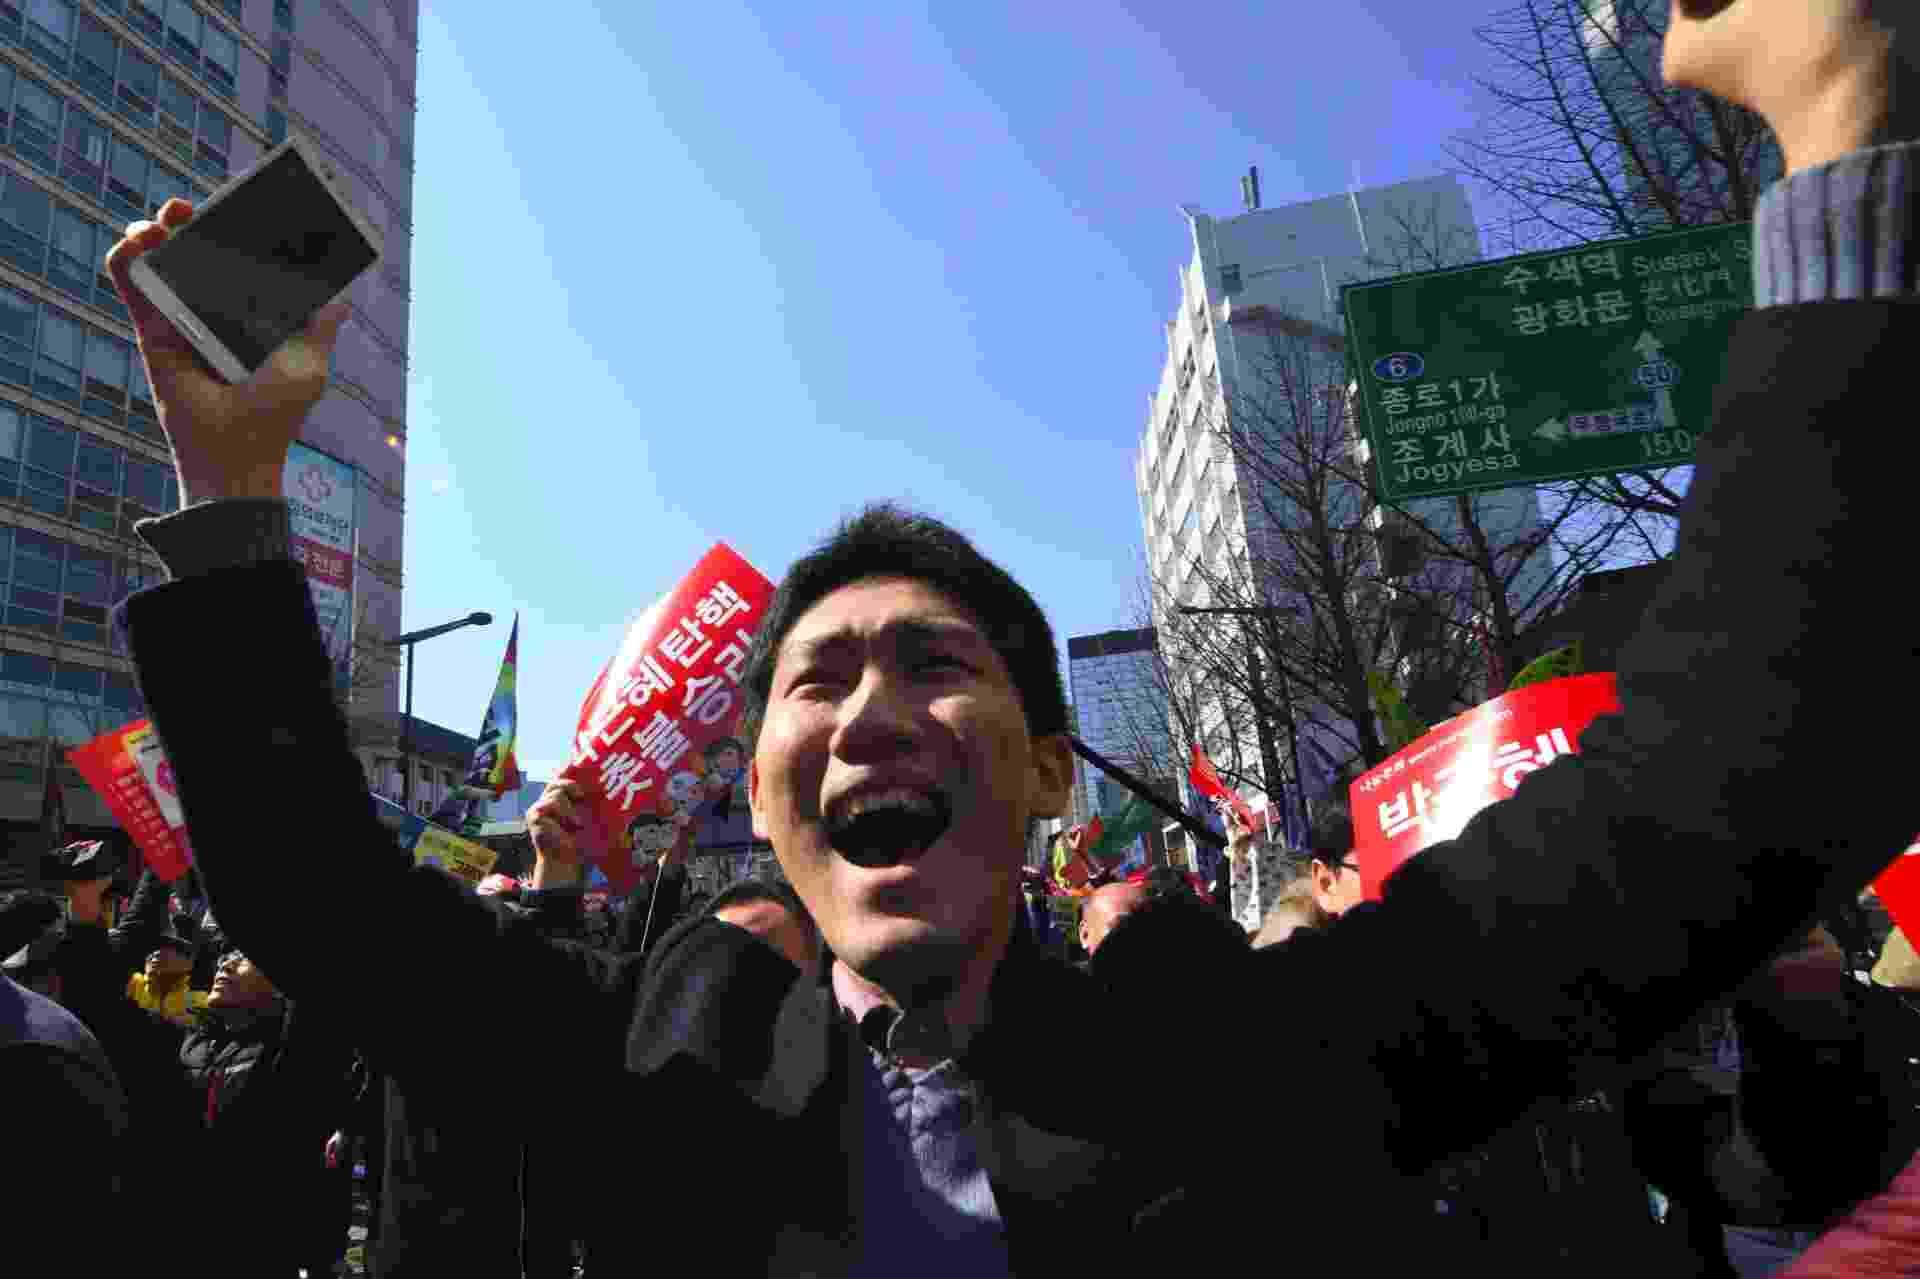 10.mar.2017 - Ativista anti-governo da agora ex-presidente Park Geun-hye comemora sua deposição nesta sexta-feira (10) em Seul - Jung Yeon-Je/AFP Photo